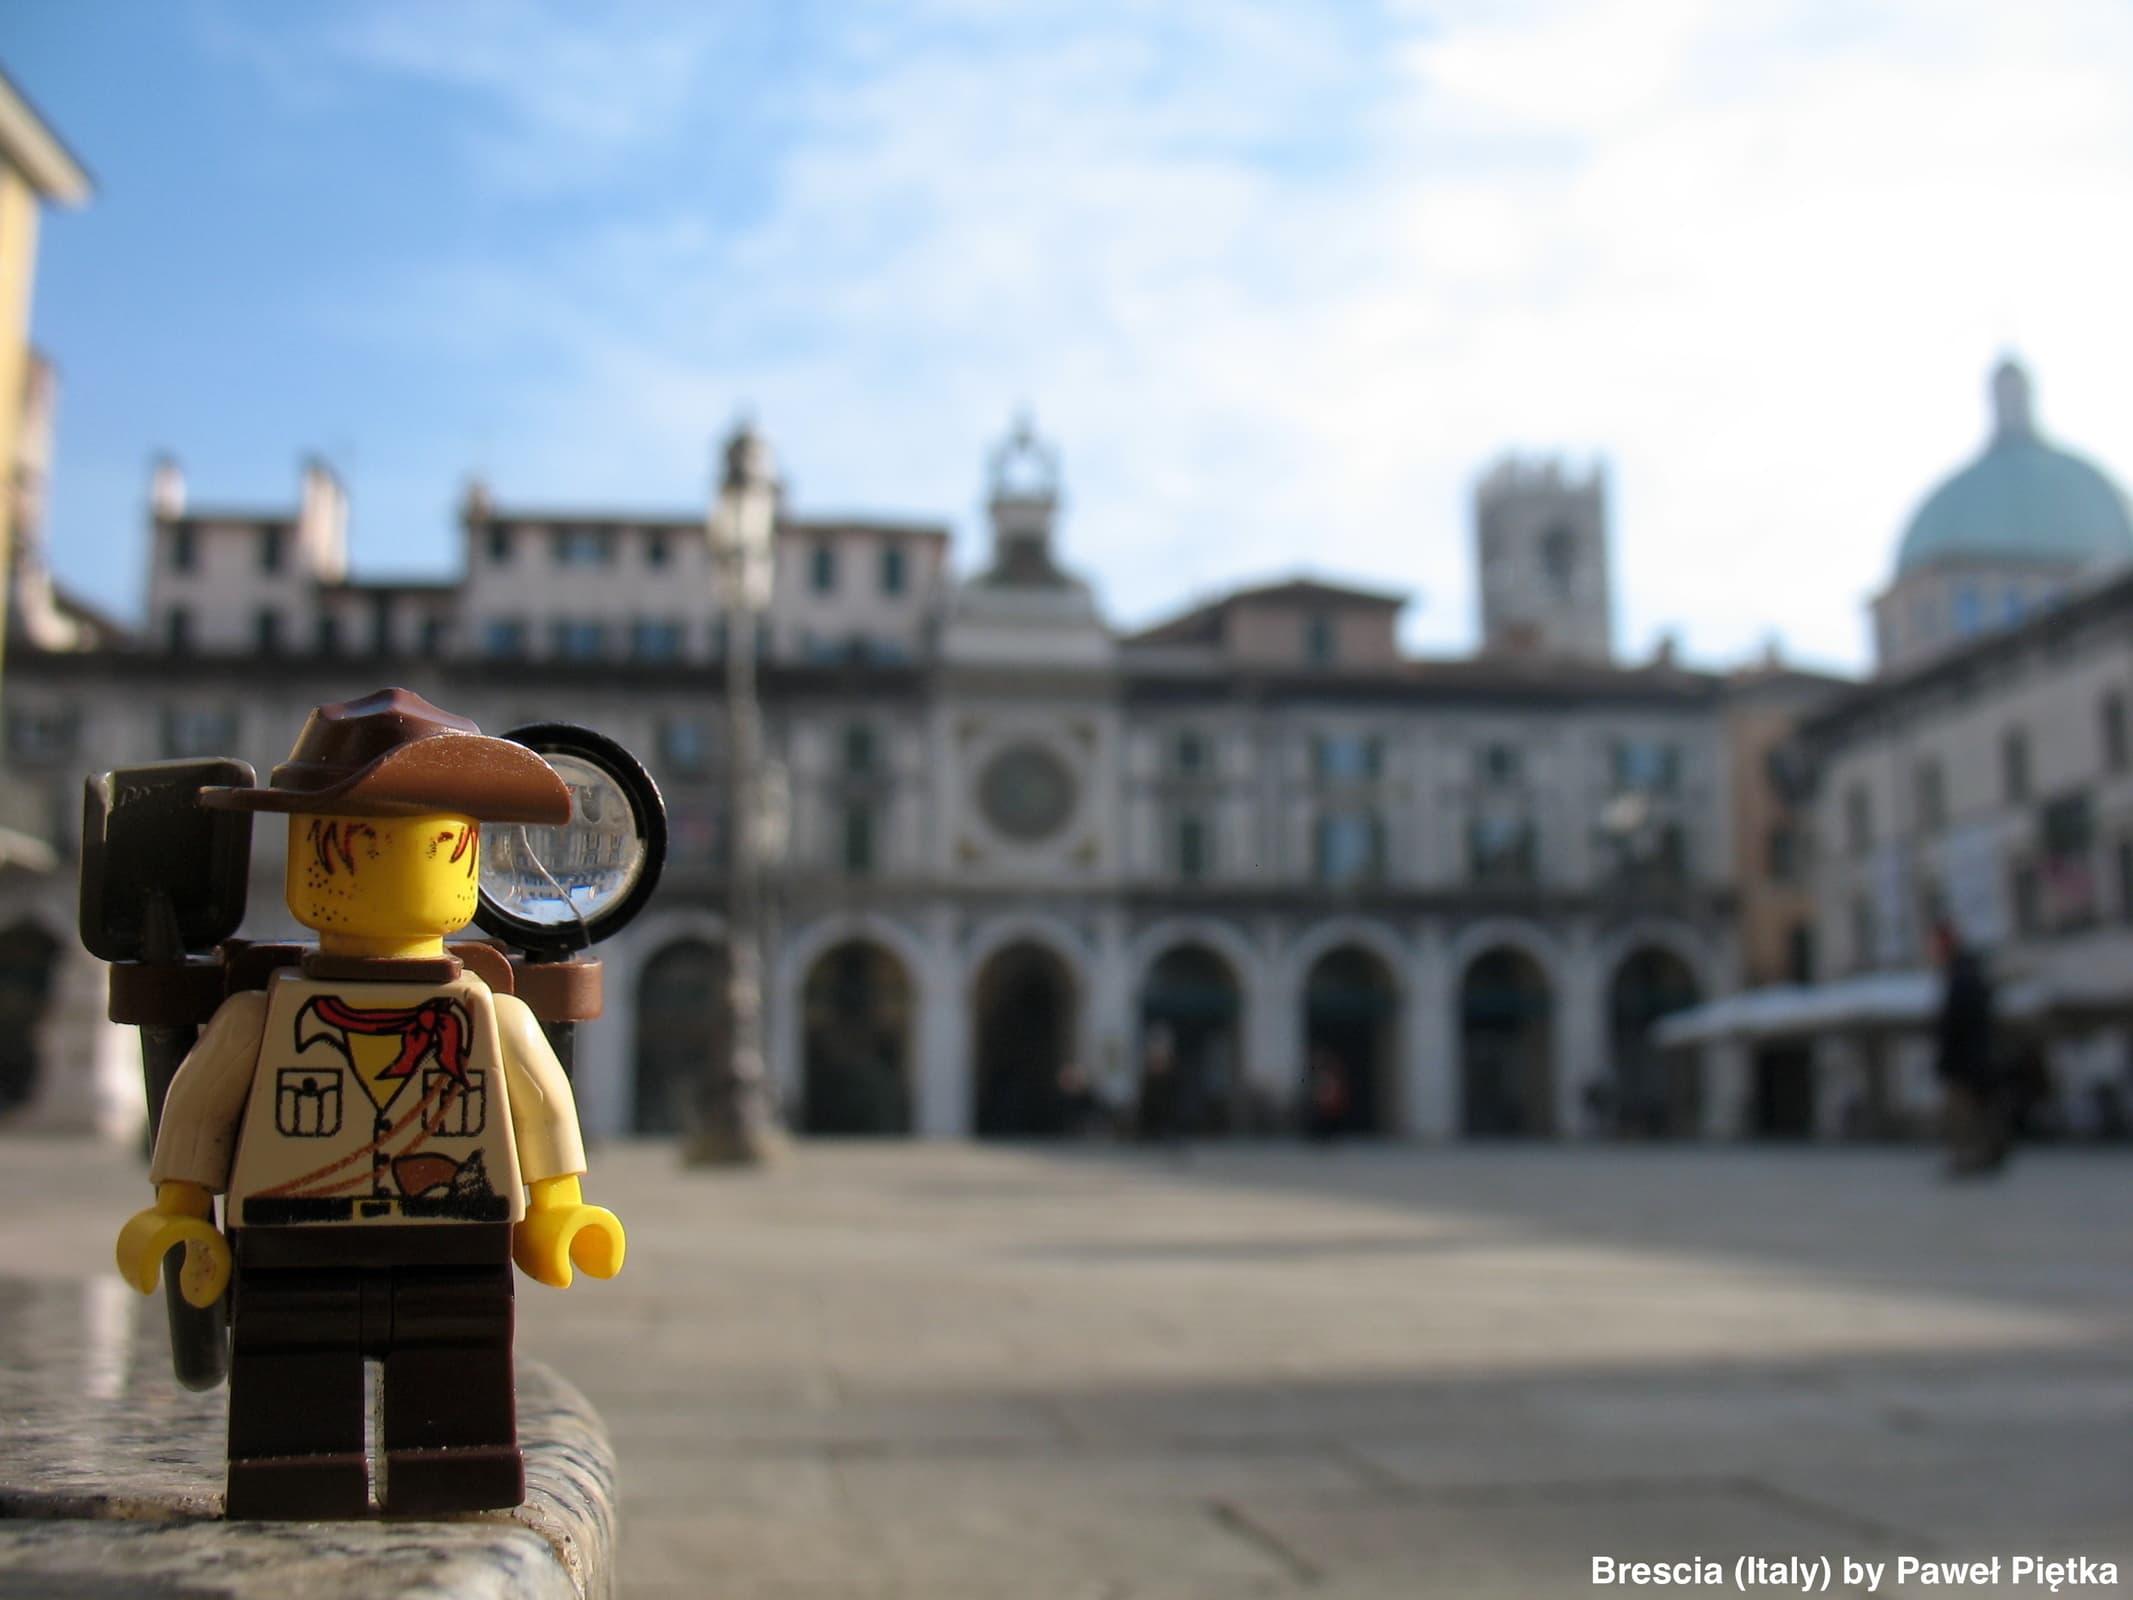 Brescia (Italy) - Piazza della Loggia astronomical clock